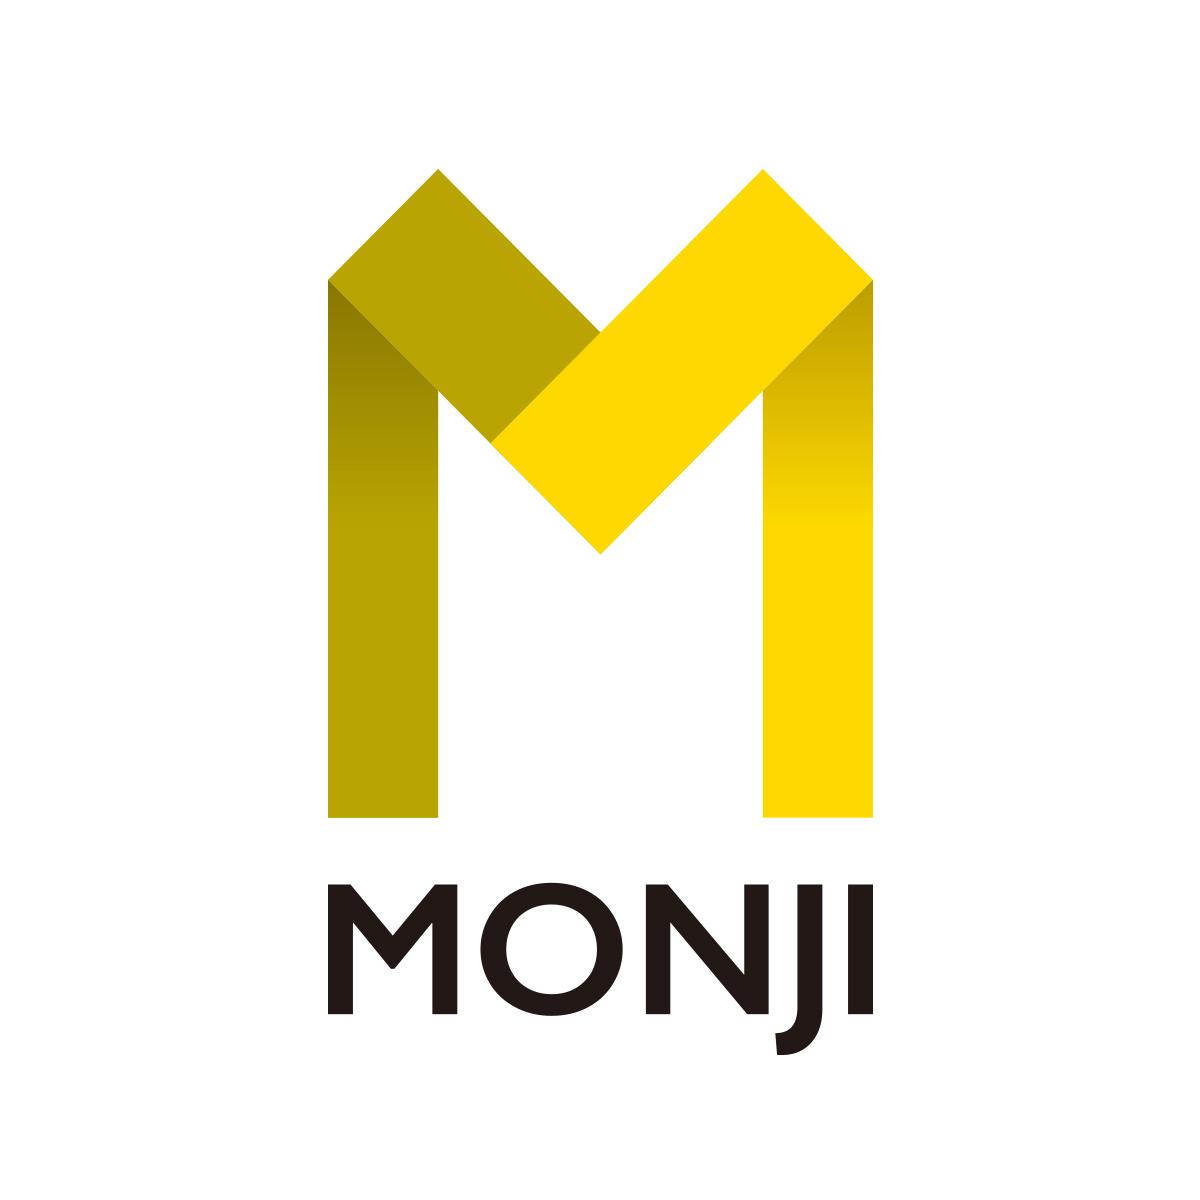 MONJIのロゴ